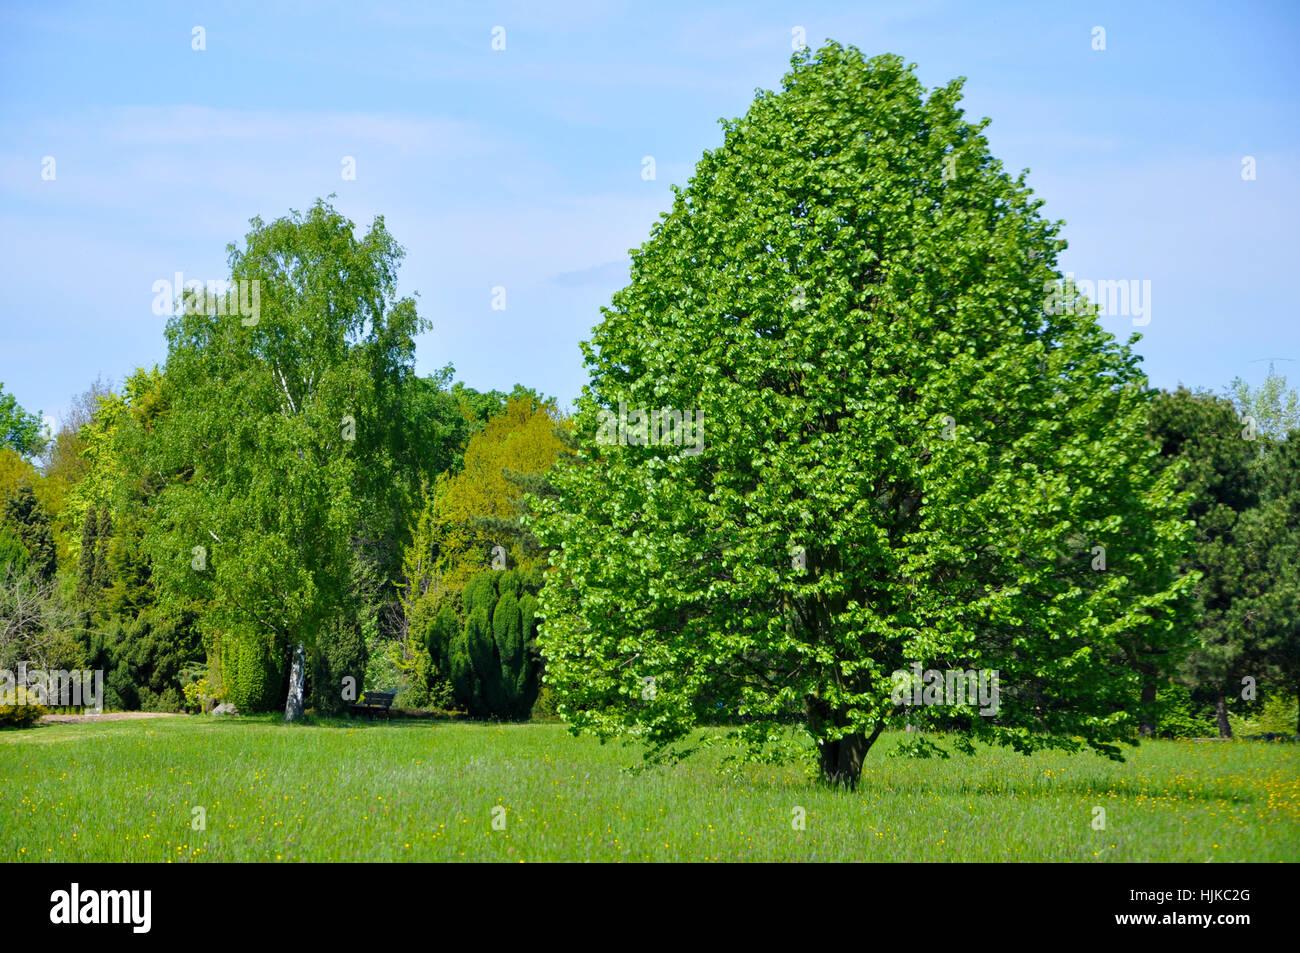 Baum Bäume Park Garten Grün Büsche Frühling Parkway Gärten